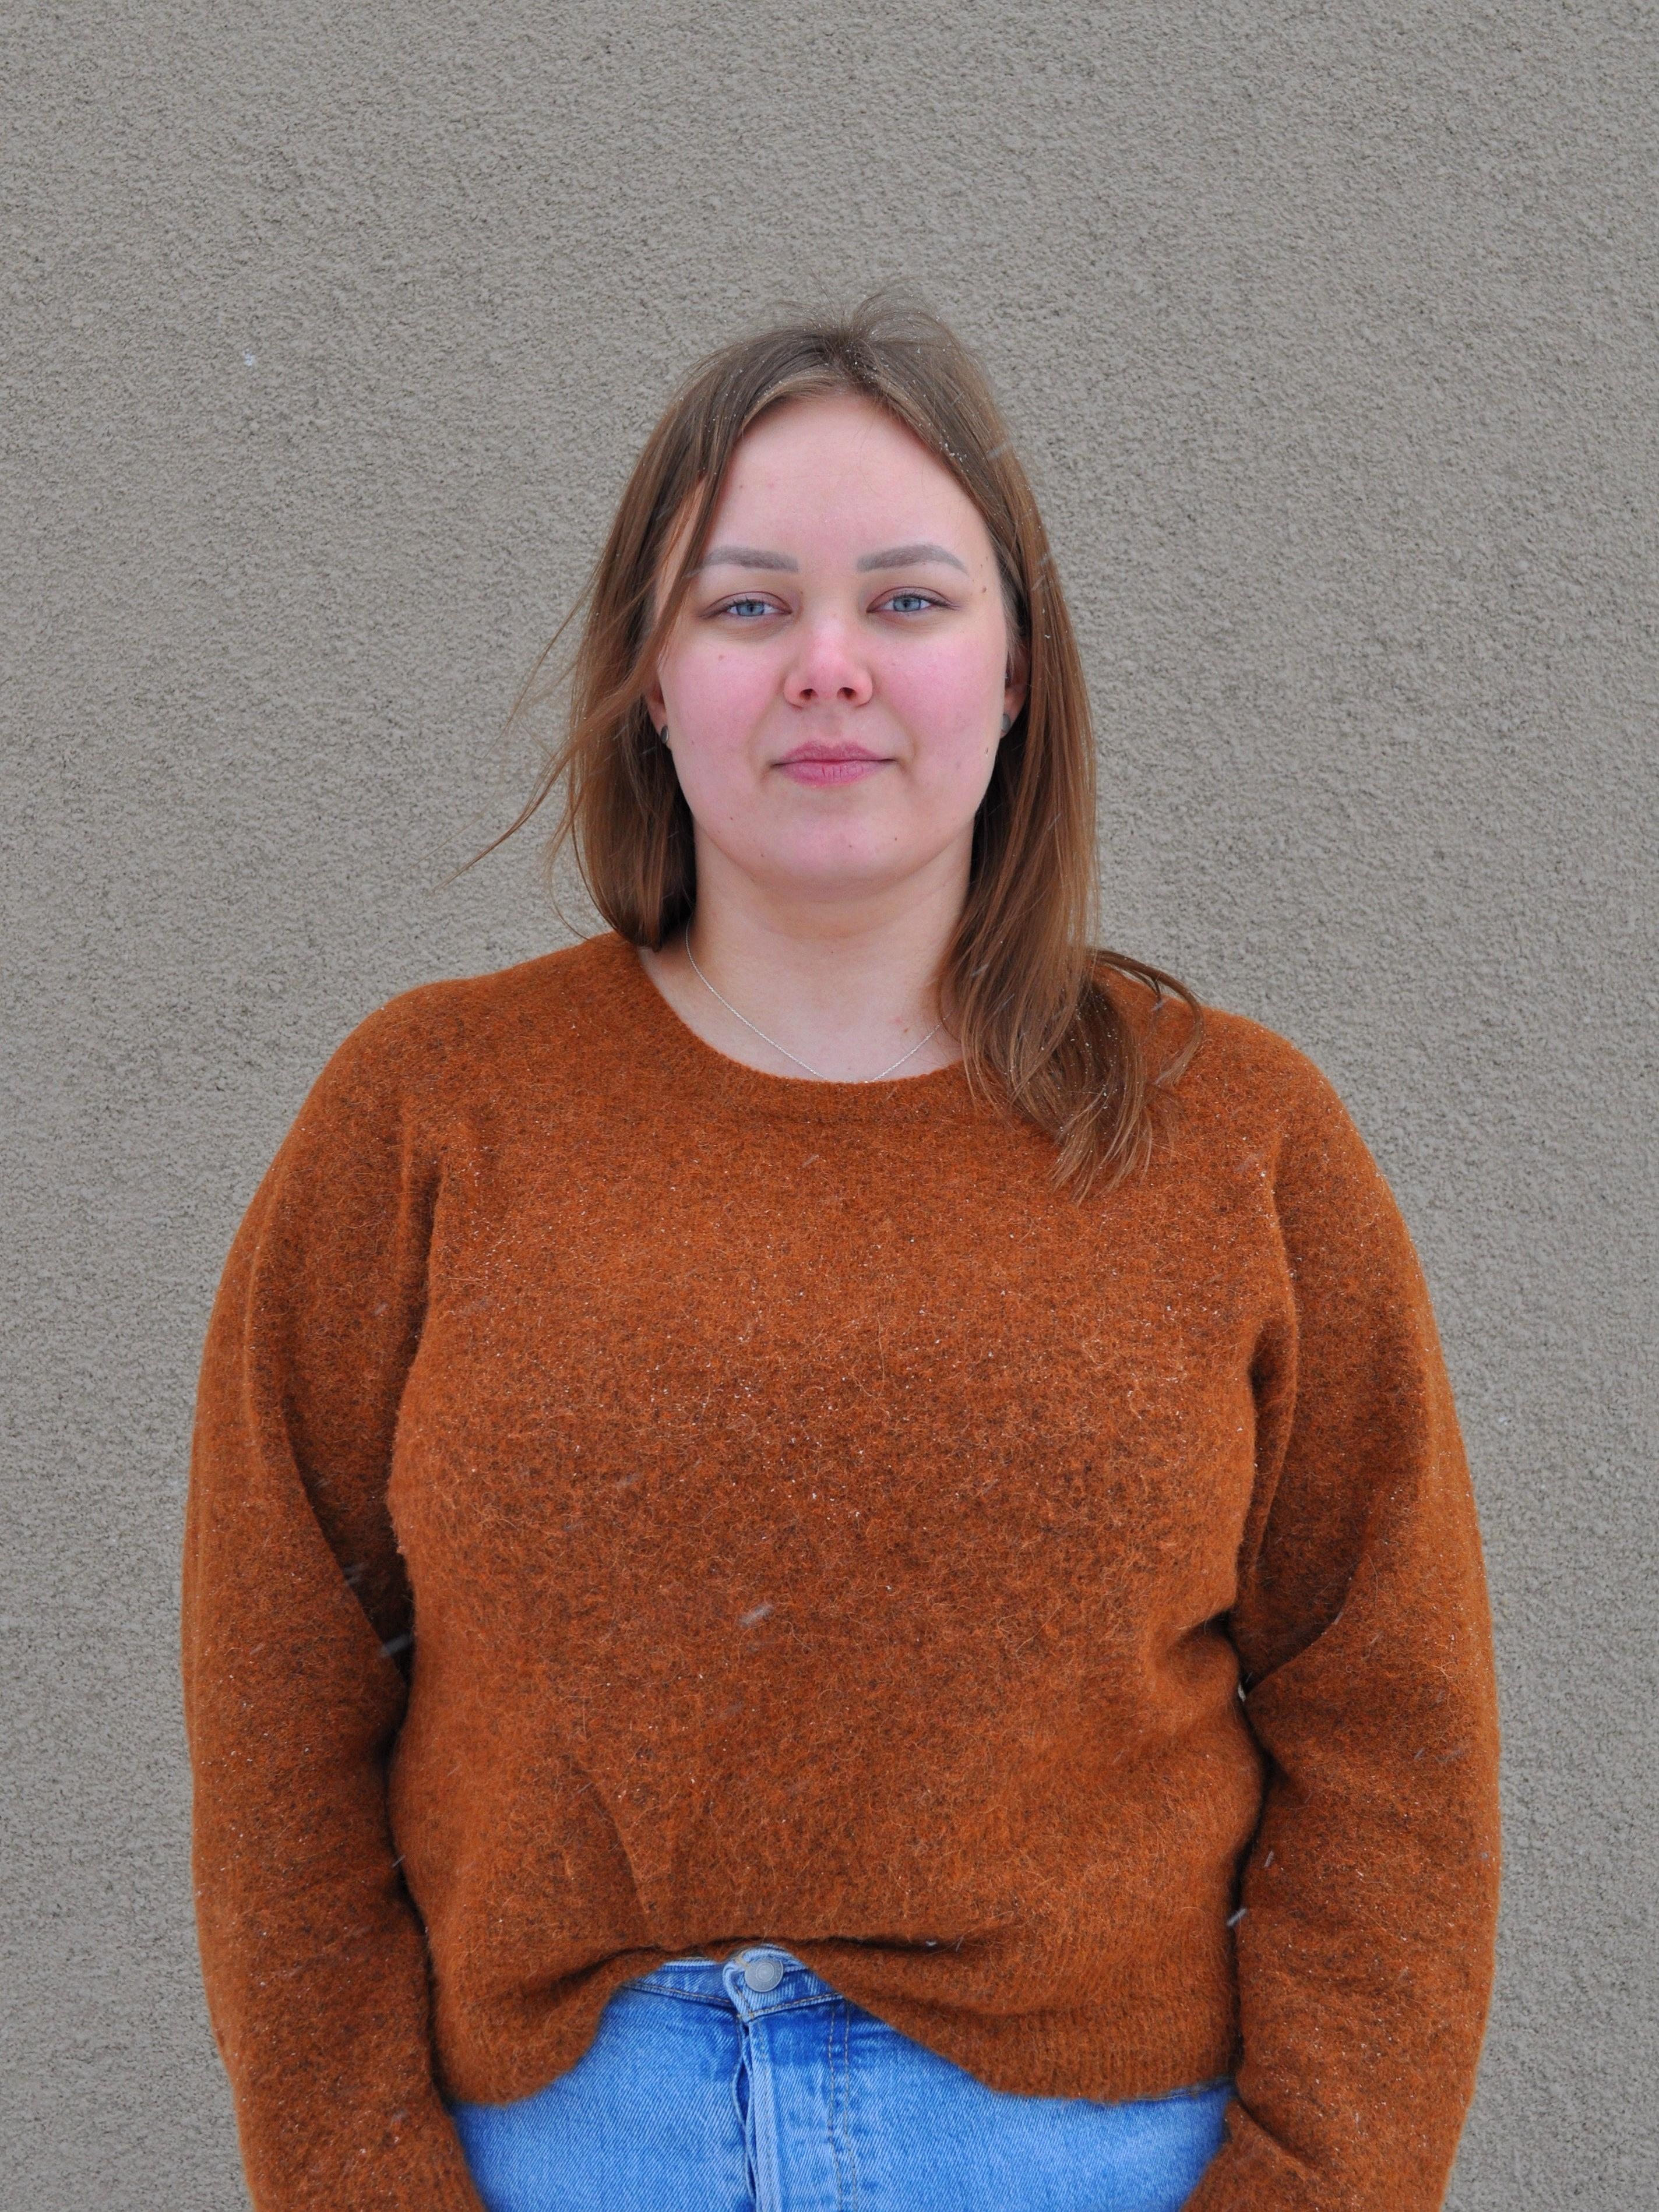 Puheenjohtaja Jenna Hänninen jenna.hanninen(a)tuni.fi